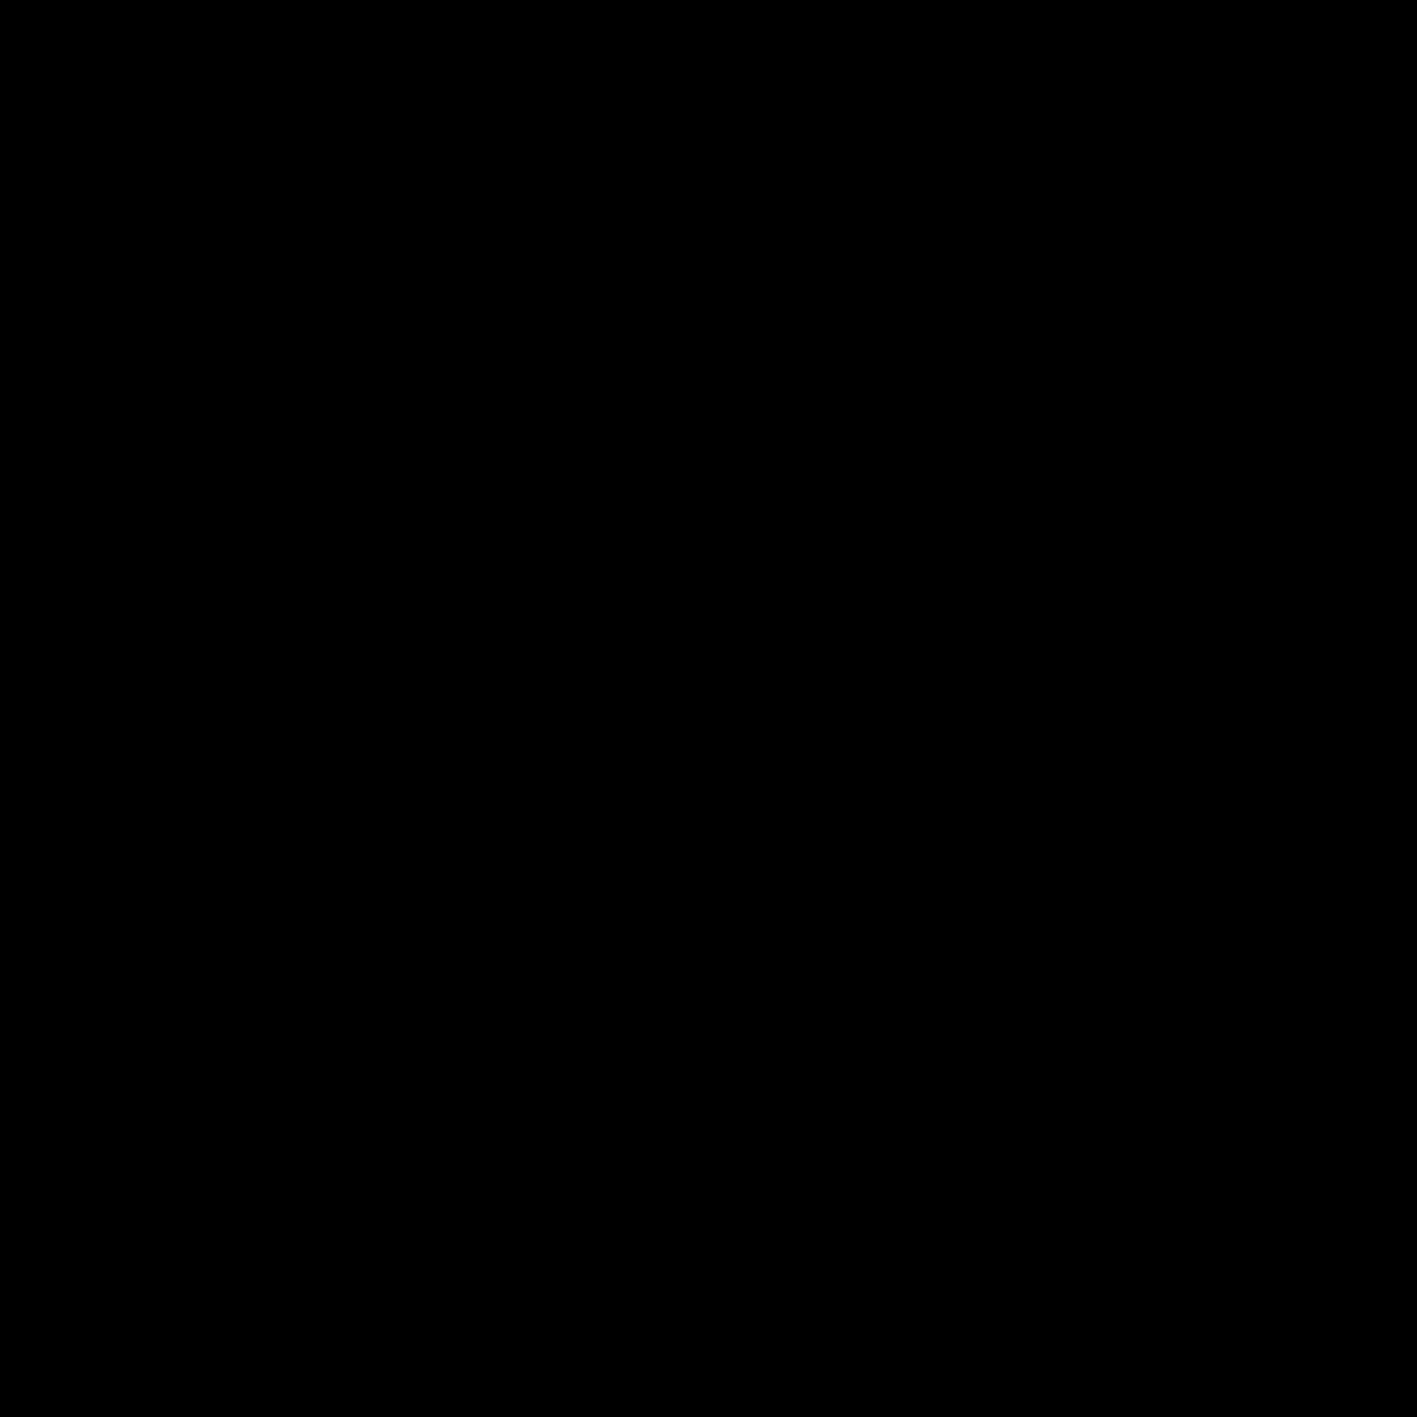 株式会社in the house | 広告・映像制作・レンタルスタジオの株式会社インザハウス